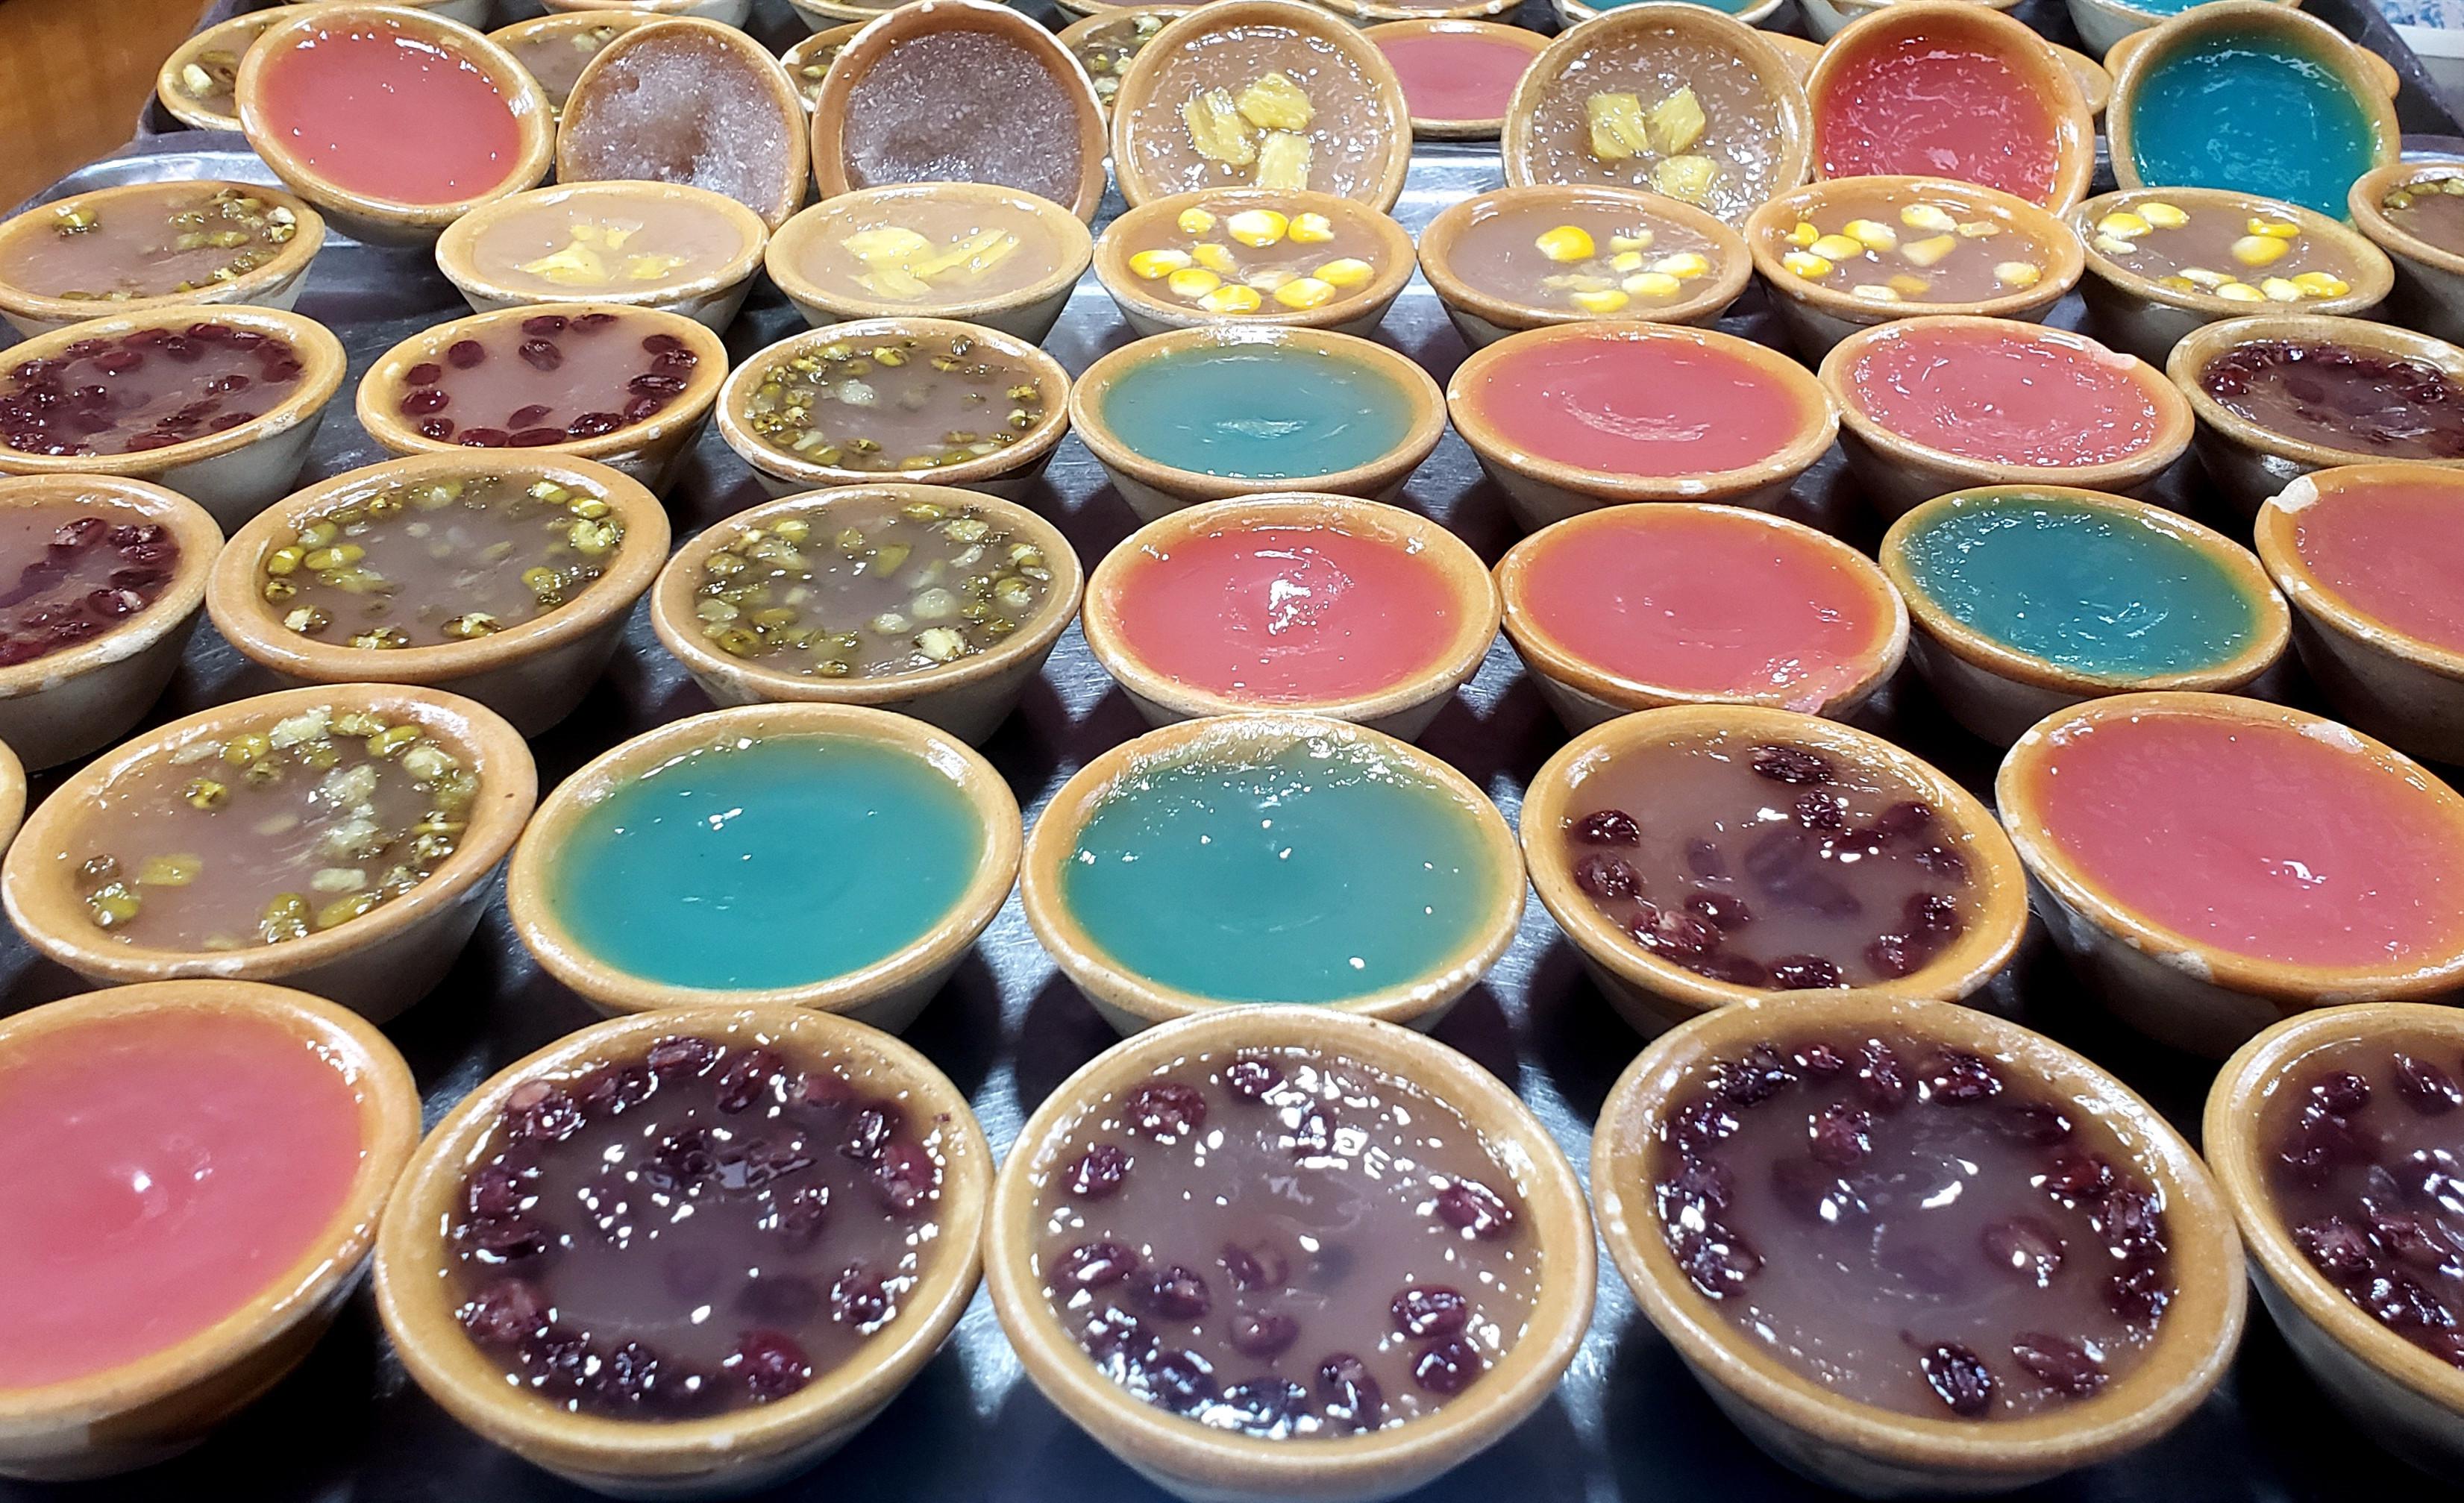 色彩与美味的碰撞----街拍中山路美食街之美食